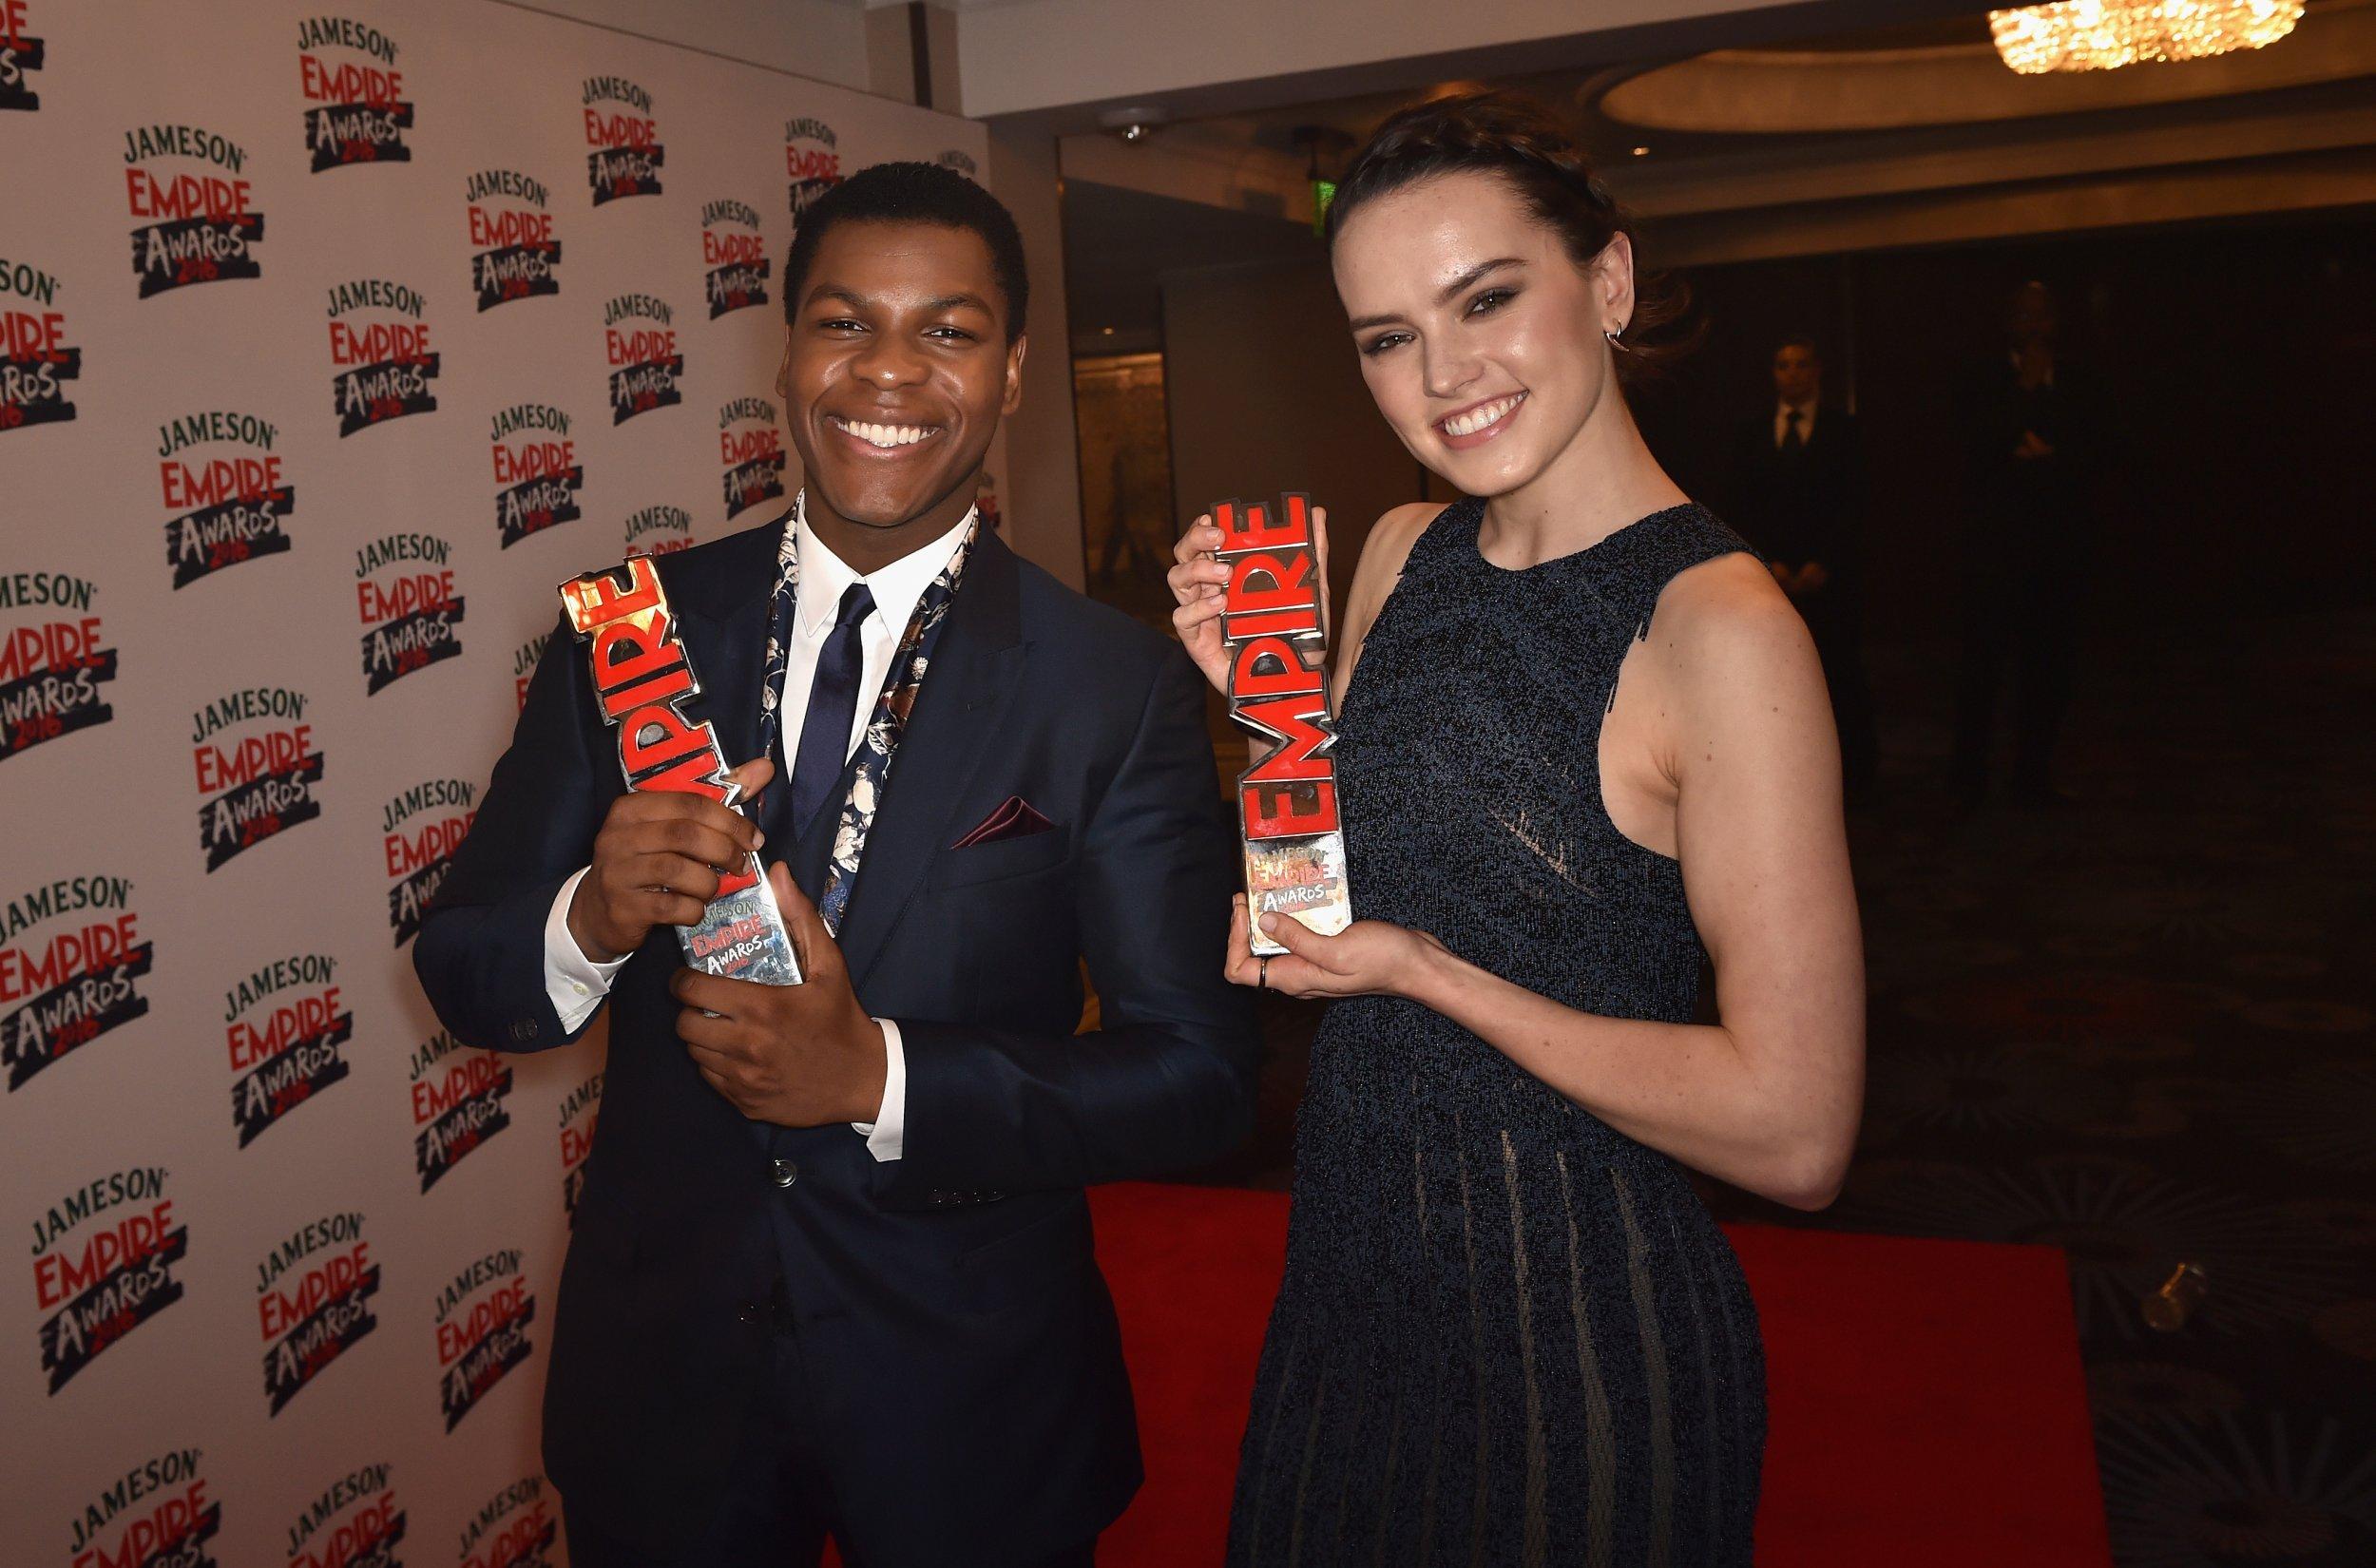 Daisy Ridley and John Boyega at Empire Awards 2016